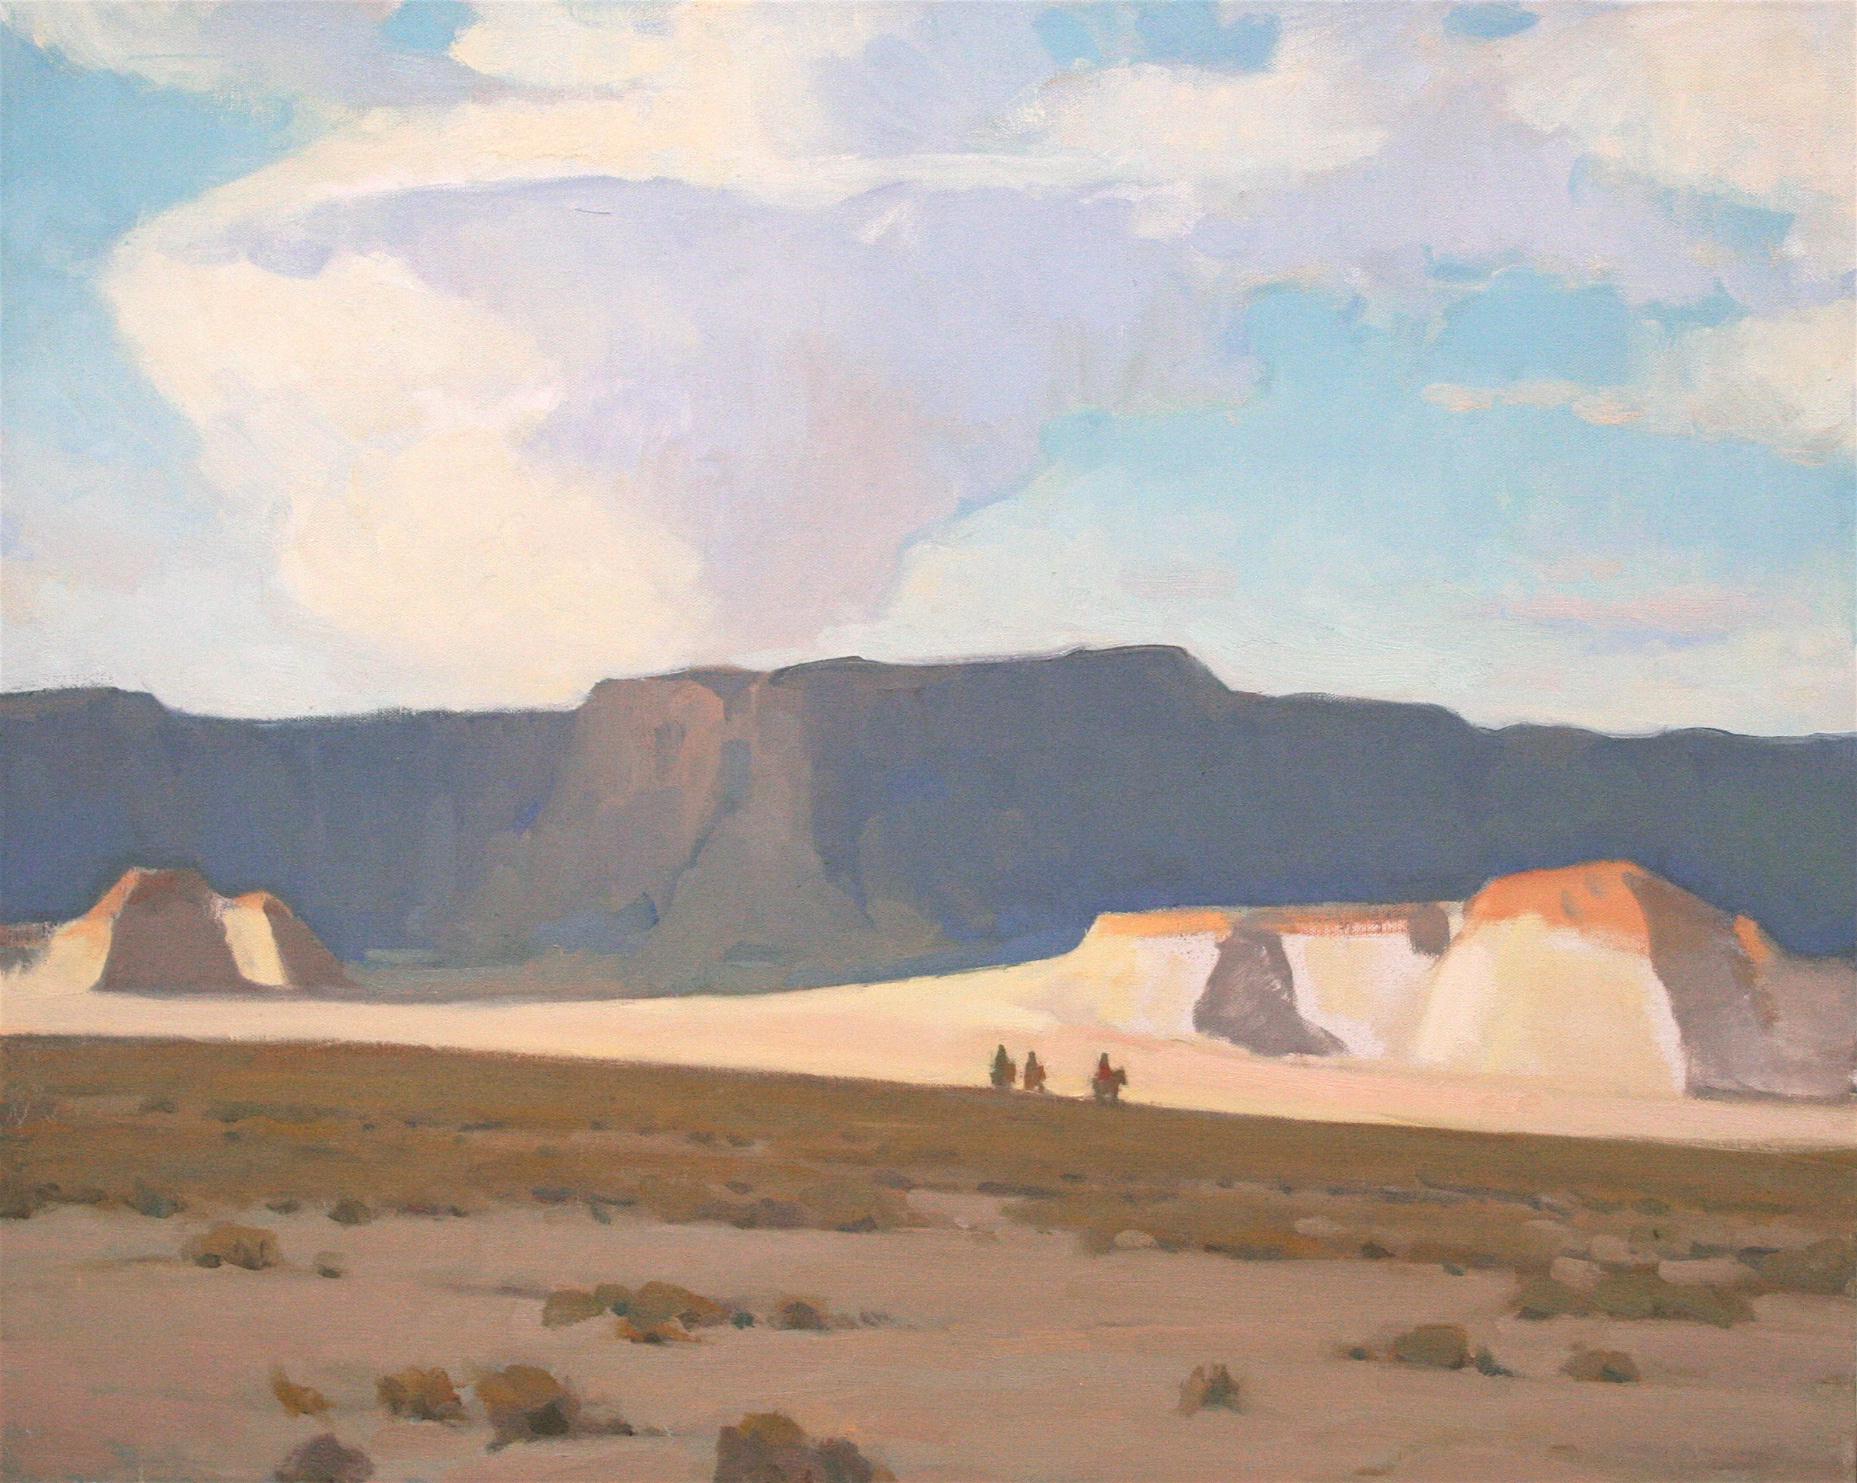 Glenn Dean, Desert Crossing, oil, 24 x 30.